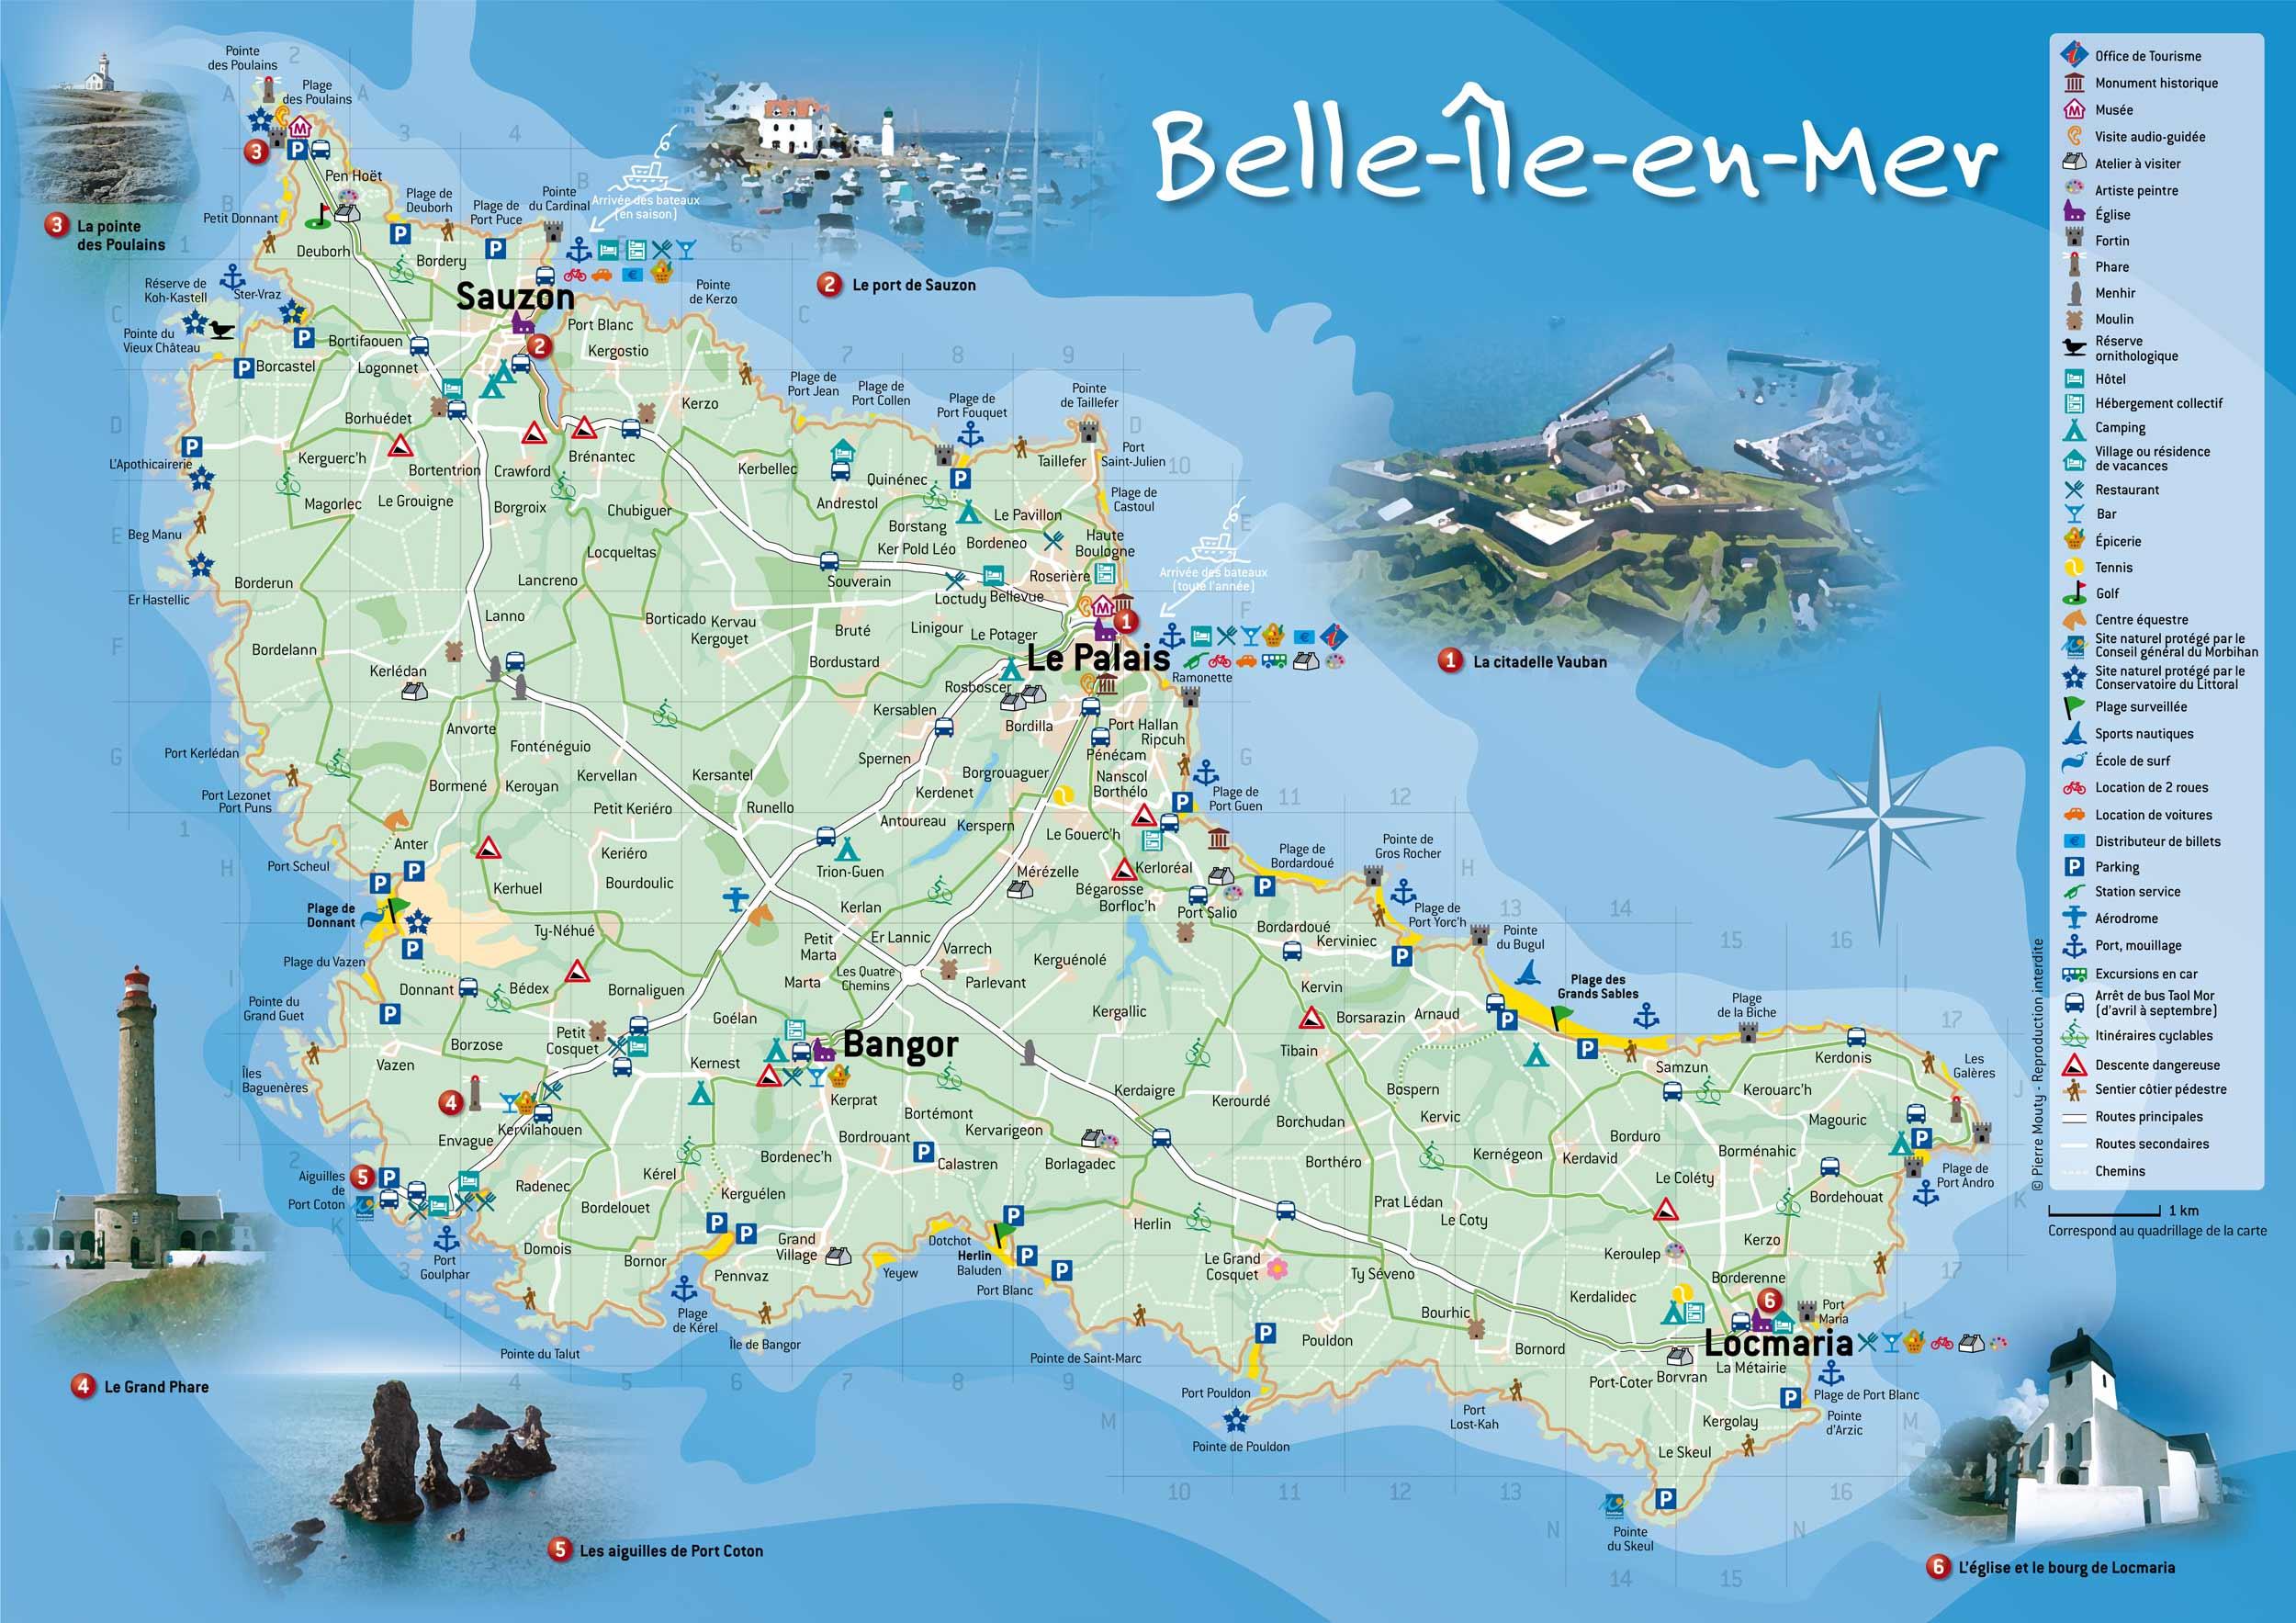 """Résultat de recherche d'images pour """"photos de Belle Ile en Mer"""""""